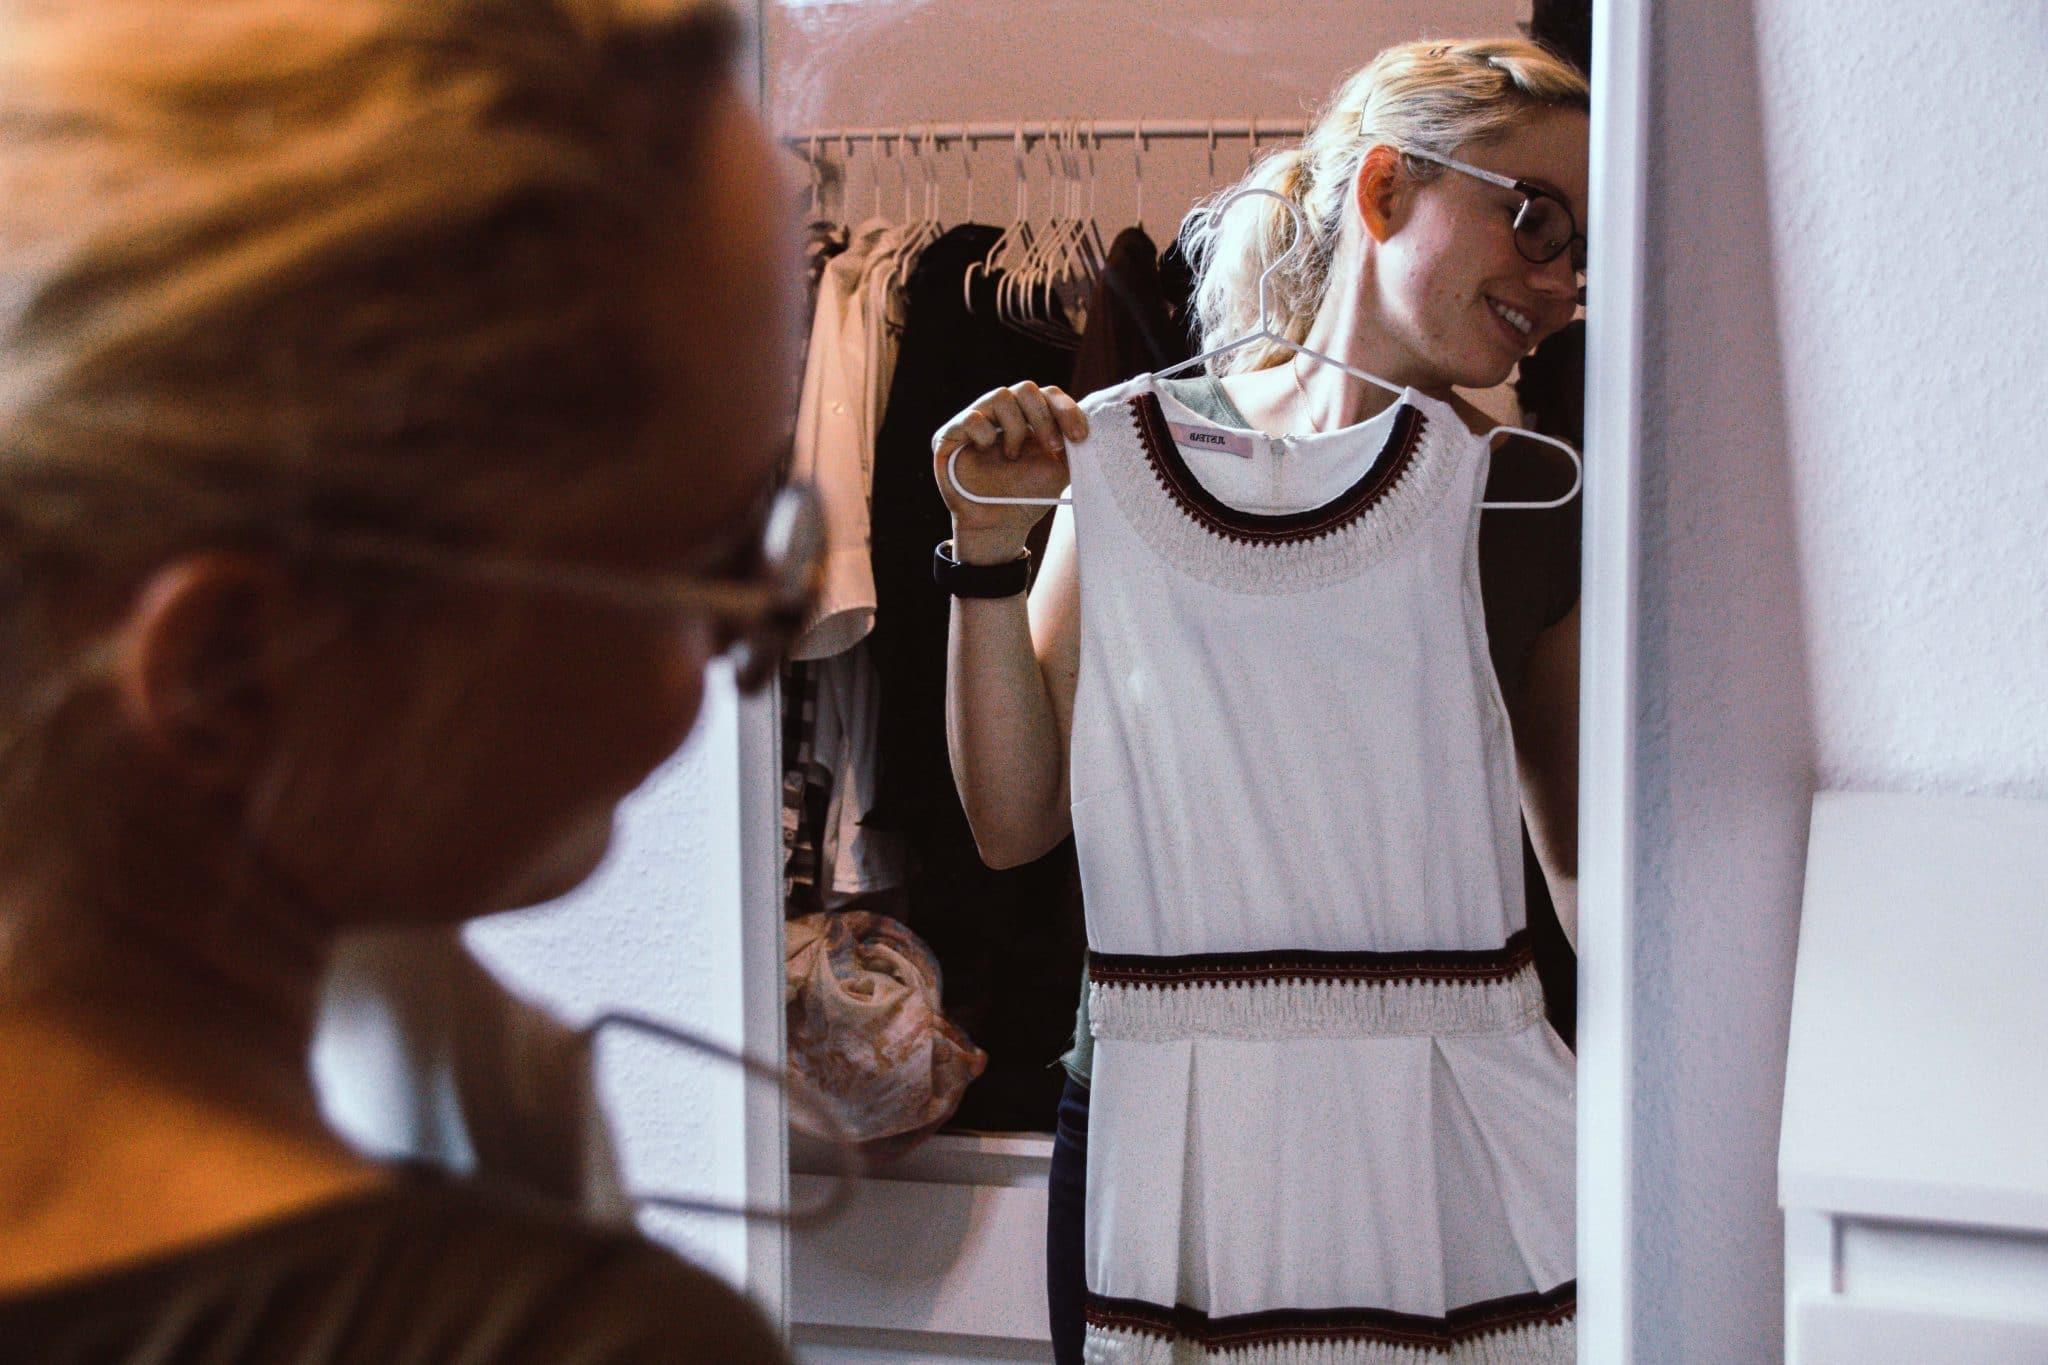 Kleidung aussortieren und ausmisten und online verkaufen auf verschiedenen Plattformen. Tipps und Tricks + Erfahrungen.